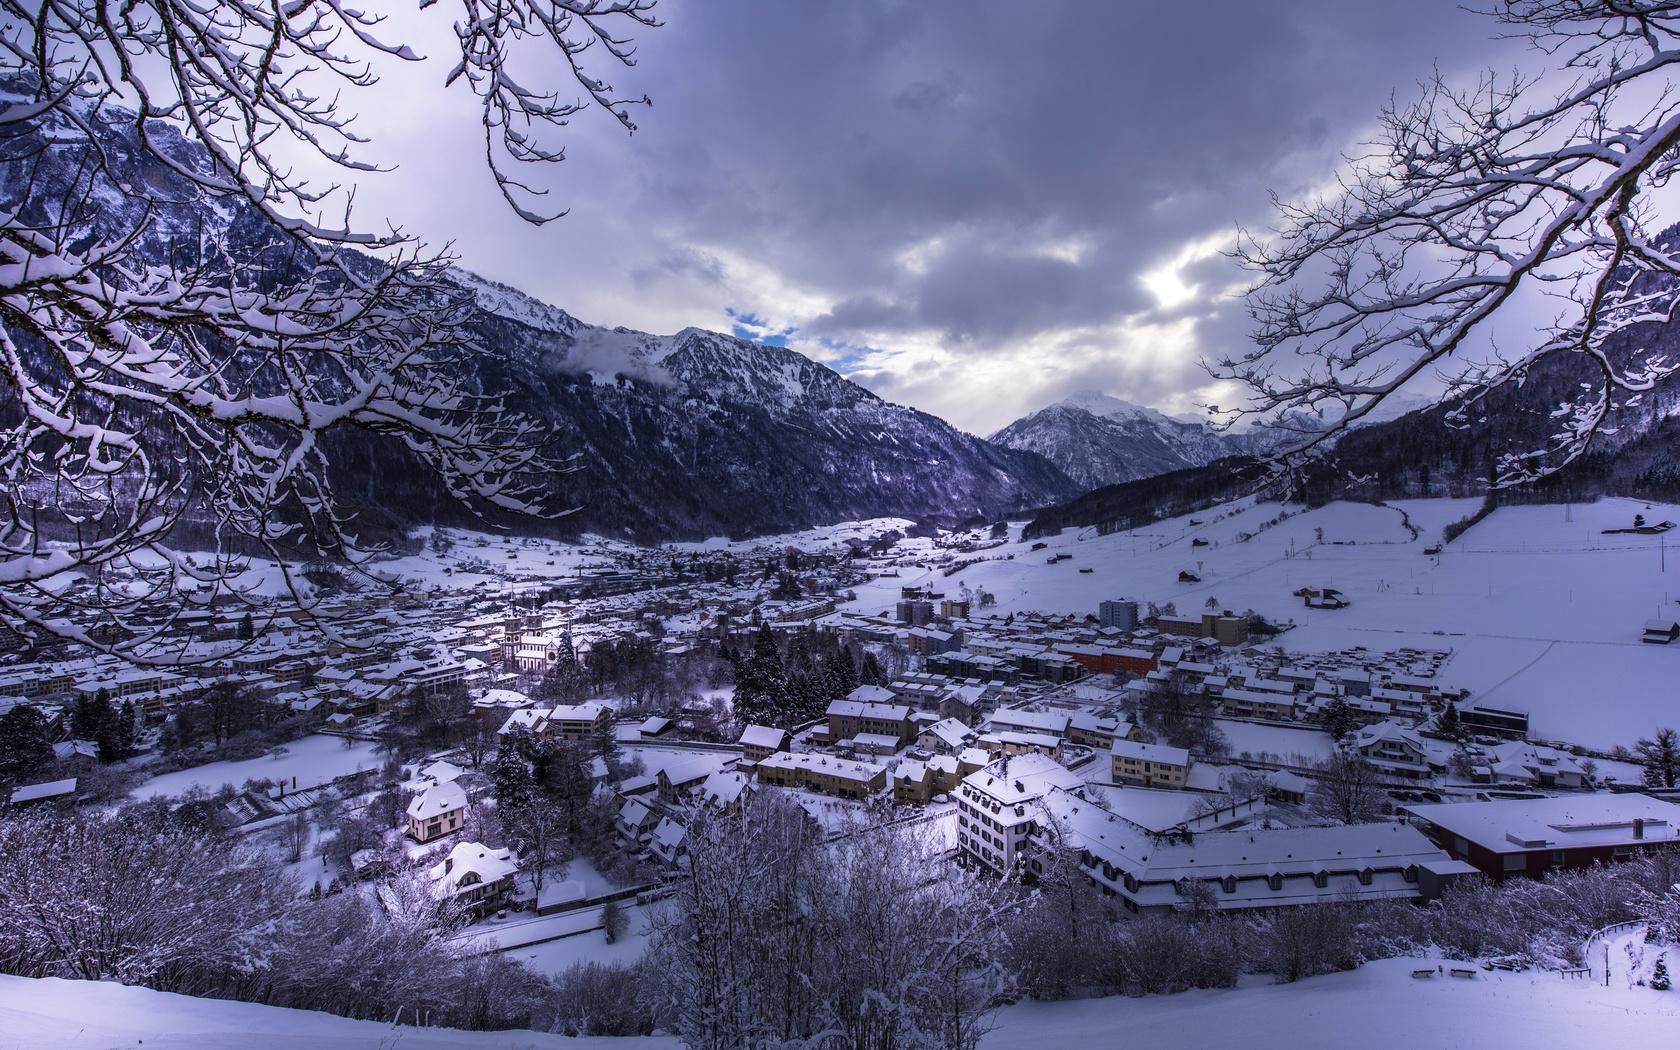 швейцария, горы, зима, снег, городок